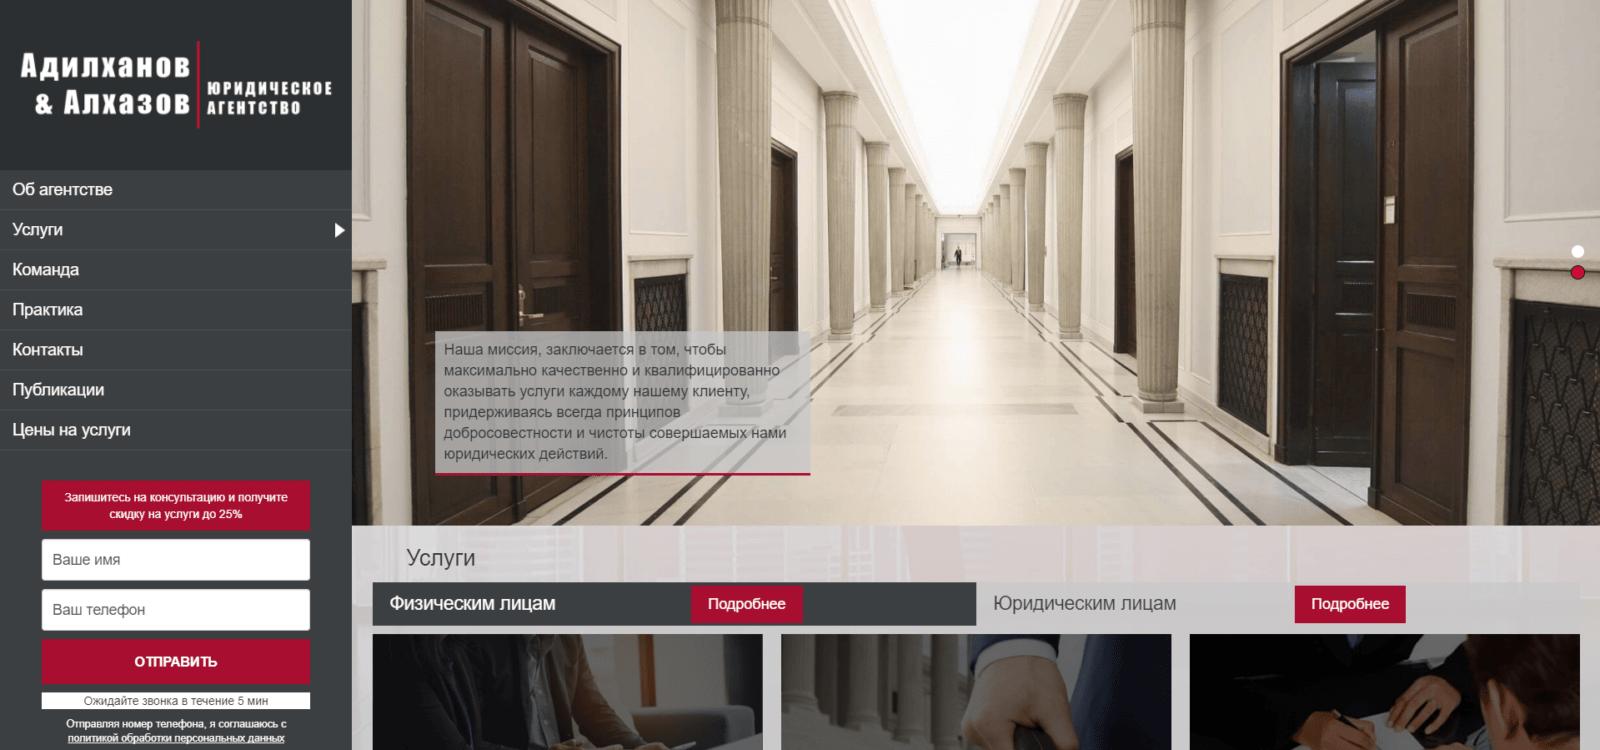 Создание корпоративного портала офиса юридических услуг Краснодара